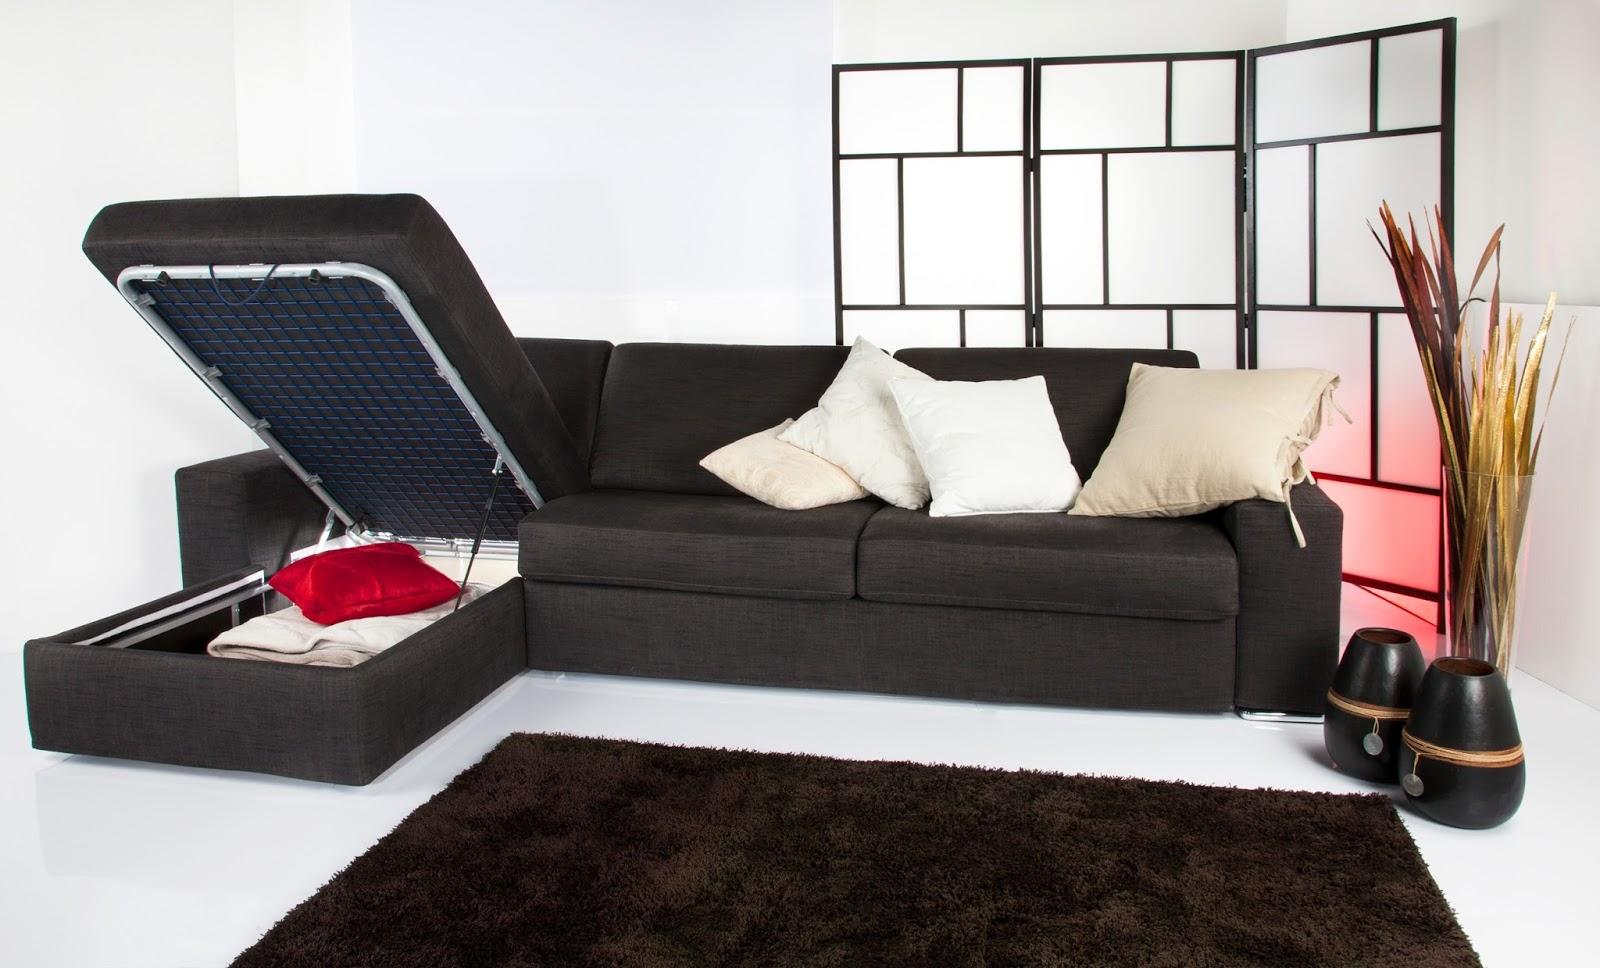 Vendita divani letto lissone monza e brianza milano divano letto con penisola contenitore - Divano letto angolare divani e divani ...